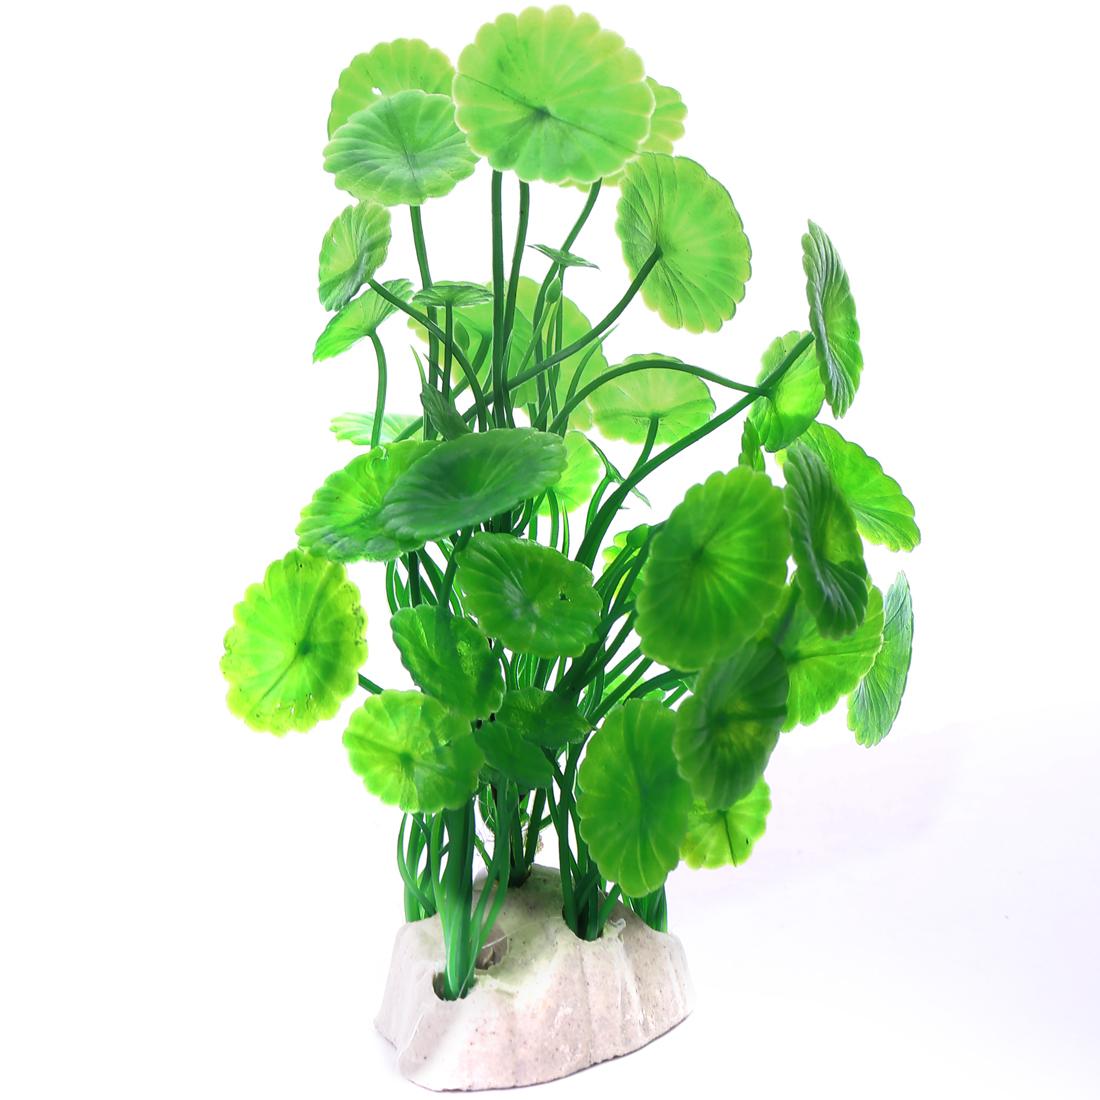 15cm max long Vert Feuille Plante aquatique en Plastique Décoration d'aquarium